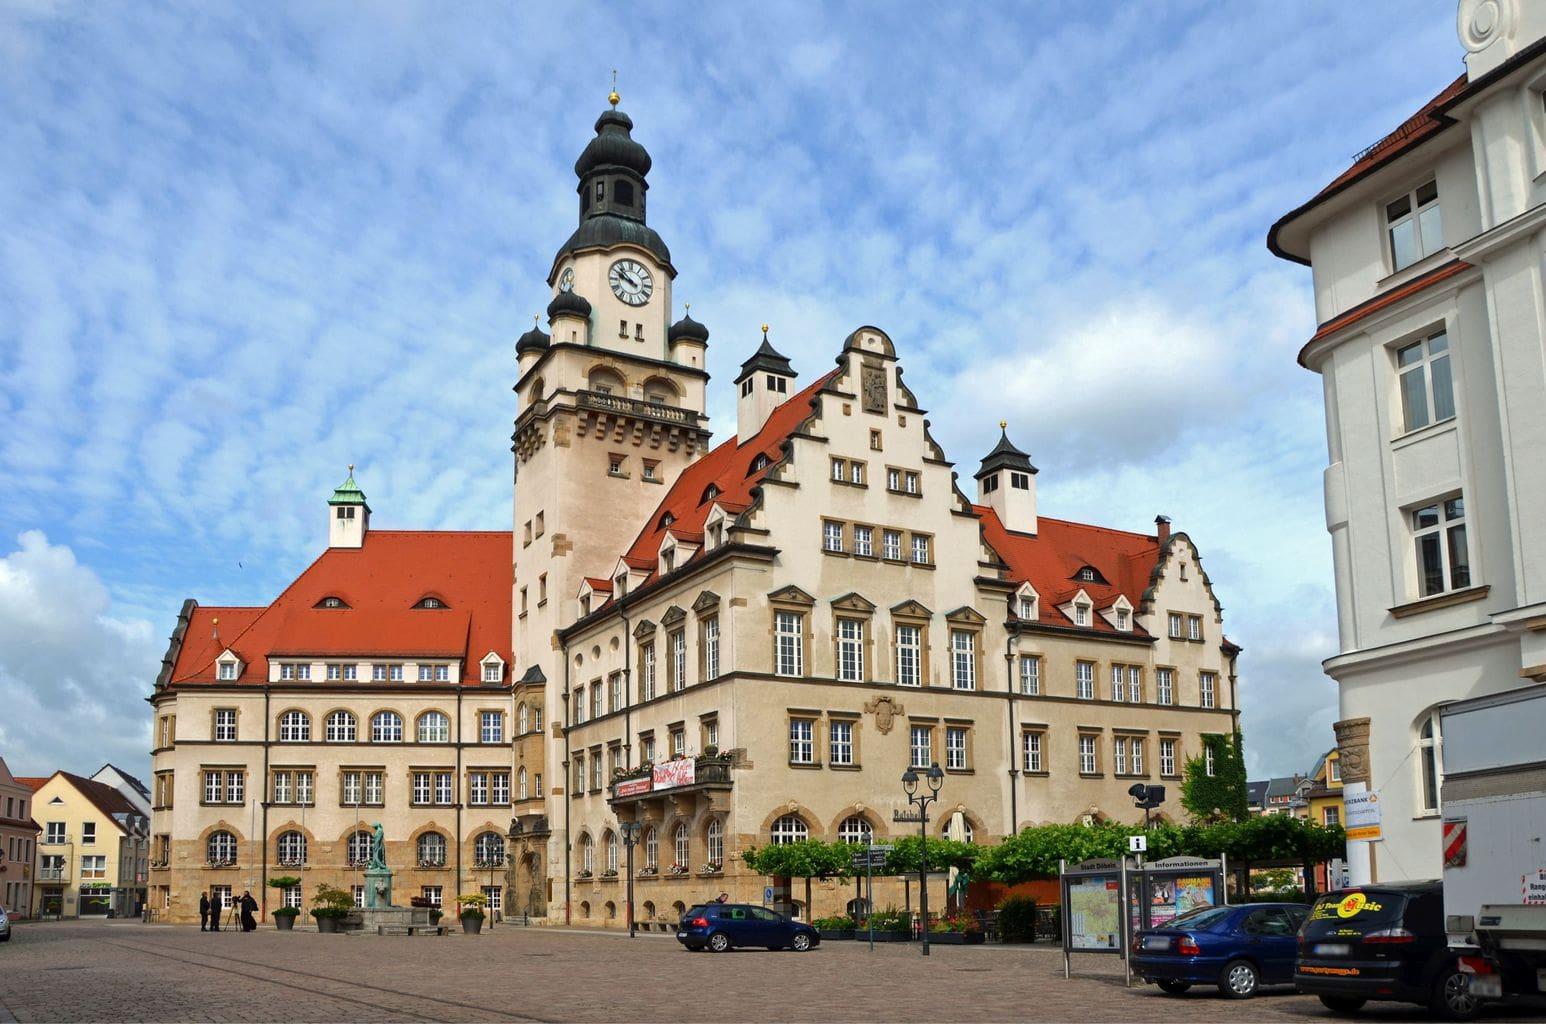 Het stadhuis van Döbeln bij Leipzig in Saksen